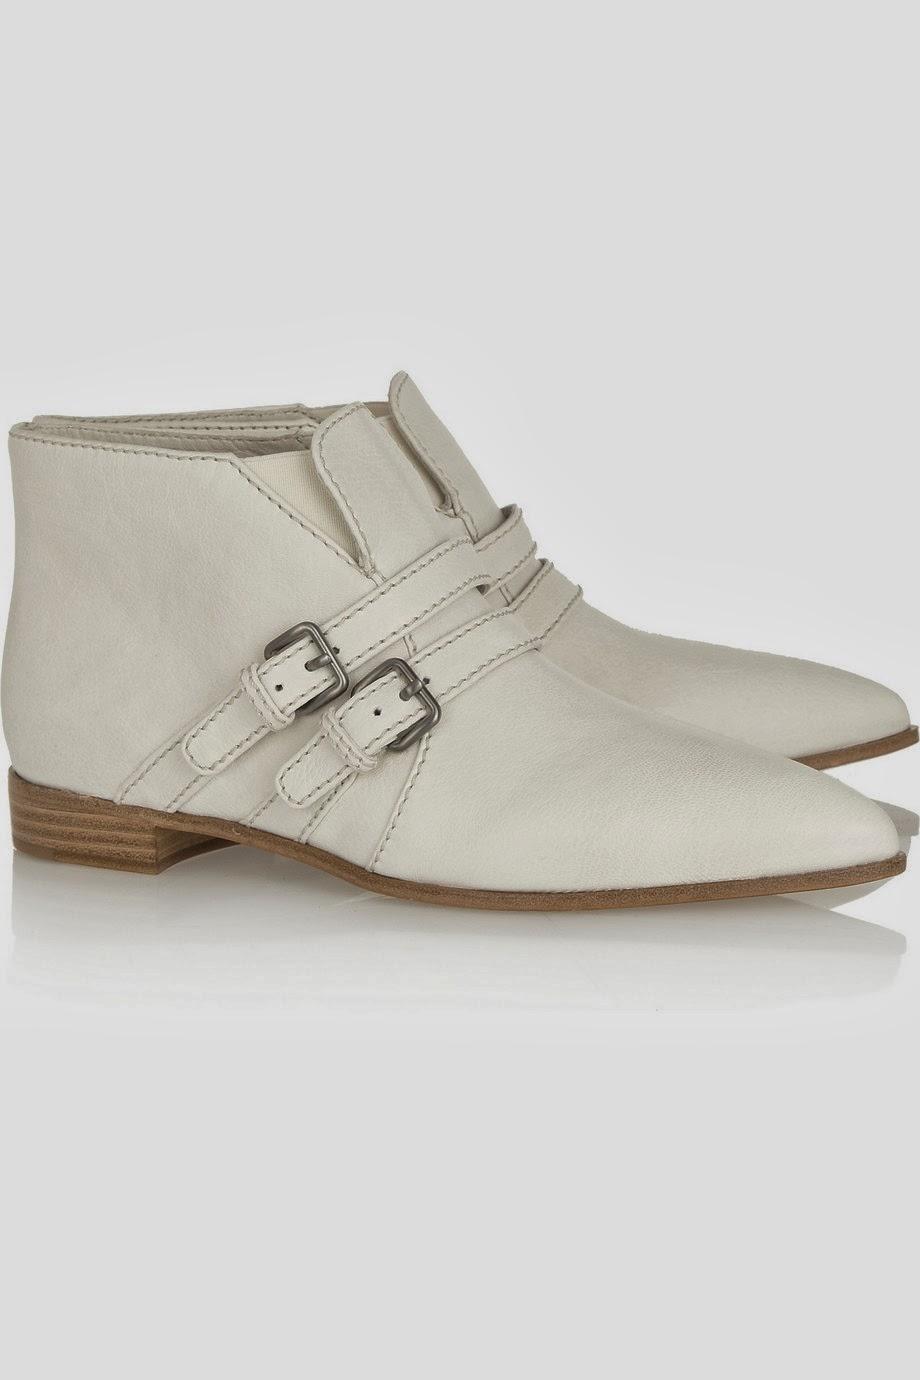 miu miu white boots